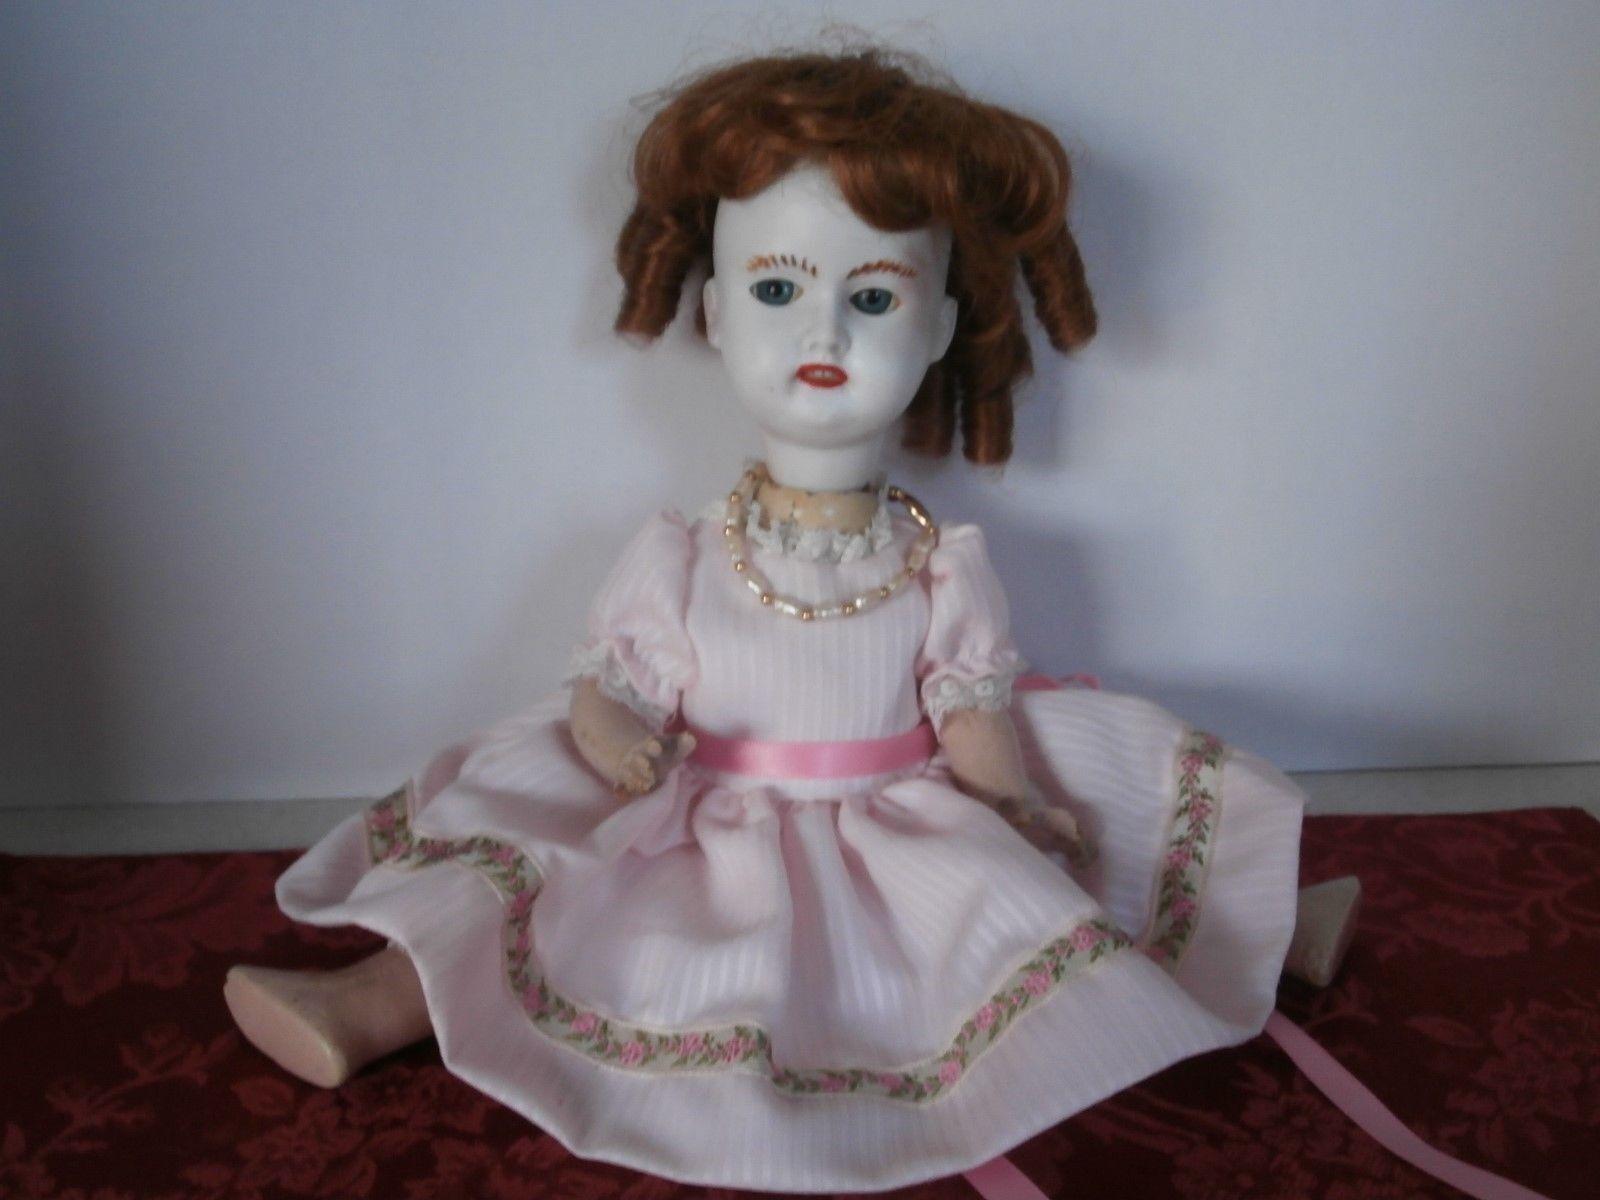 RARE ANTIQUE  390.A 4 OX M BISQUE COMPOSITION bambola GERuomo GIRL 11 1 2 TA  fornire un prodotto di qualità